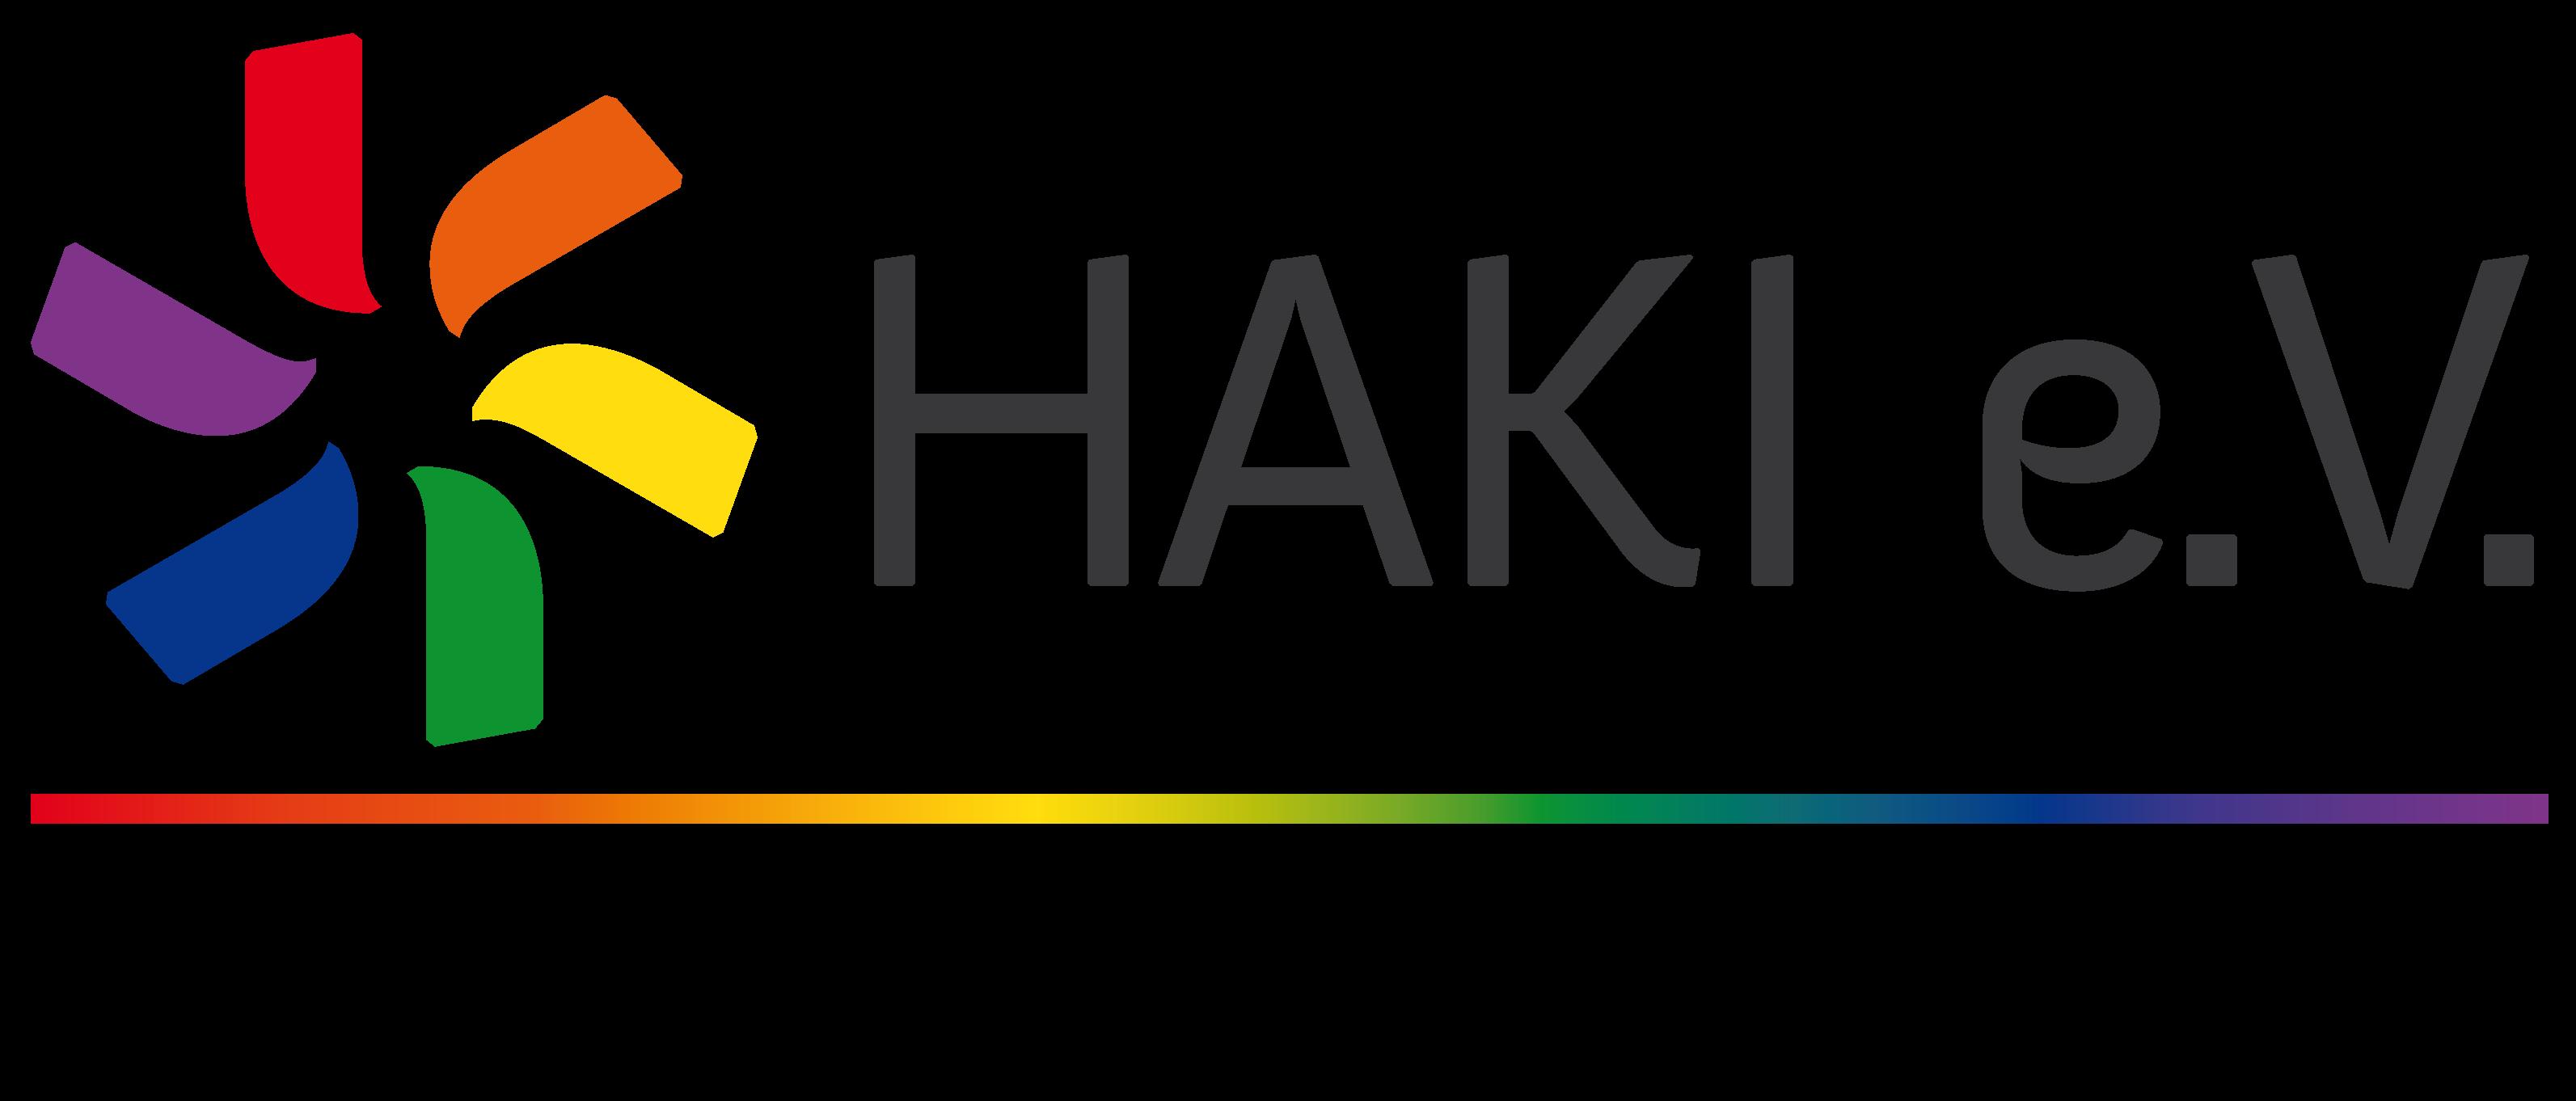 Mitgliederversammlung des advsh am 11. Juni 2019 um 18 Uhr bei HAKI e. V.